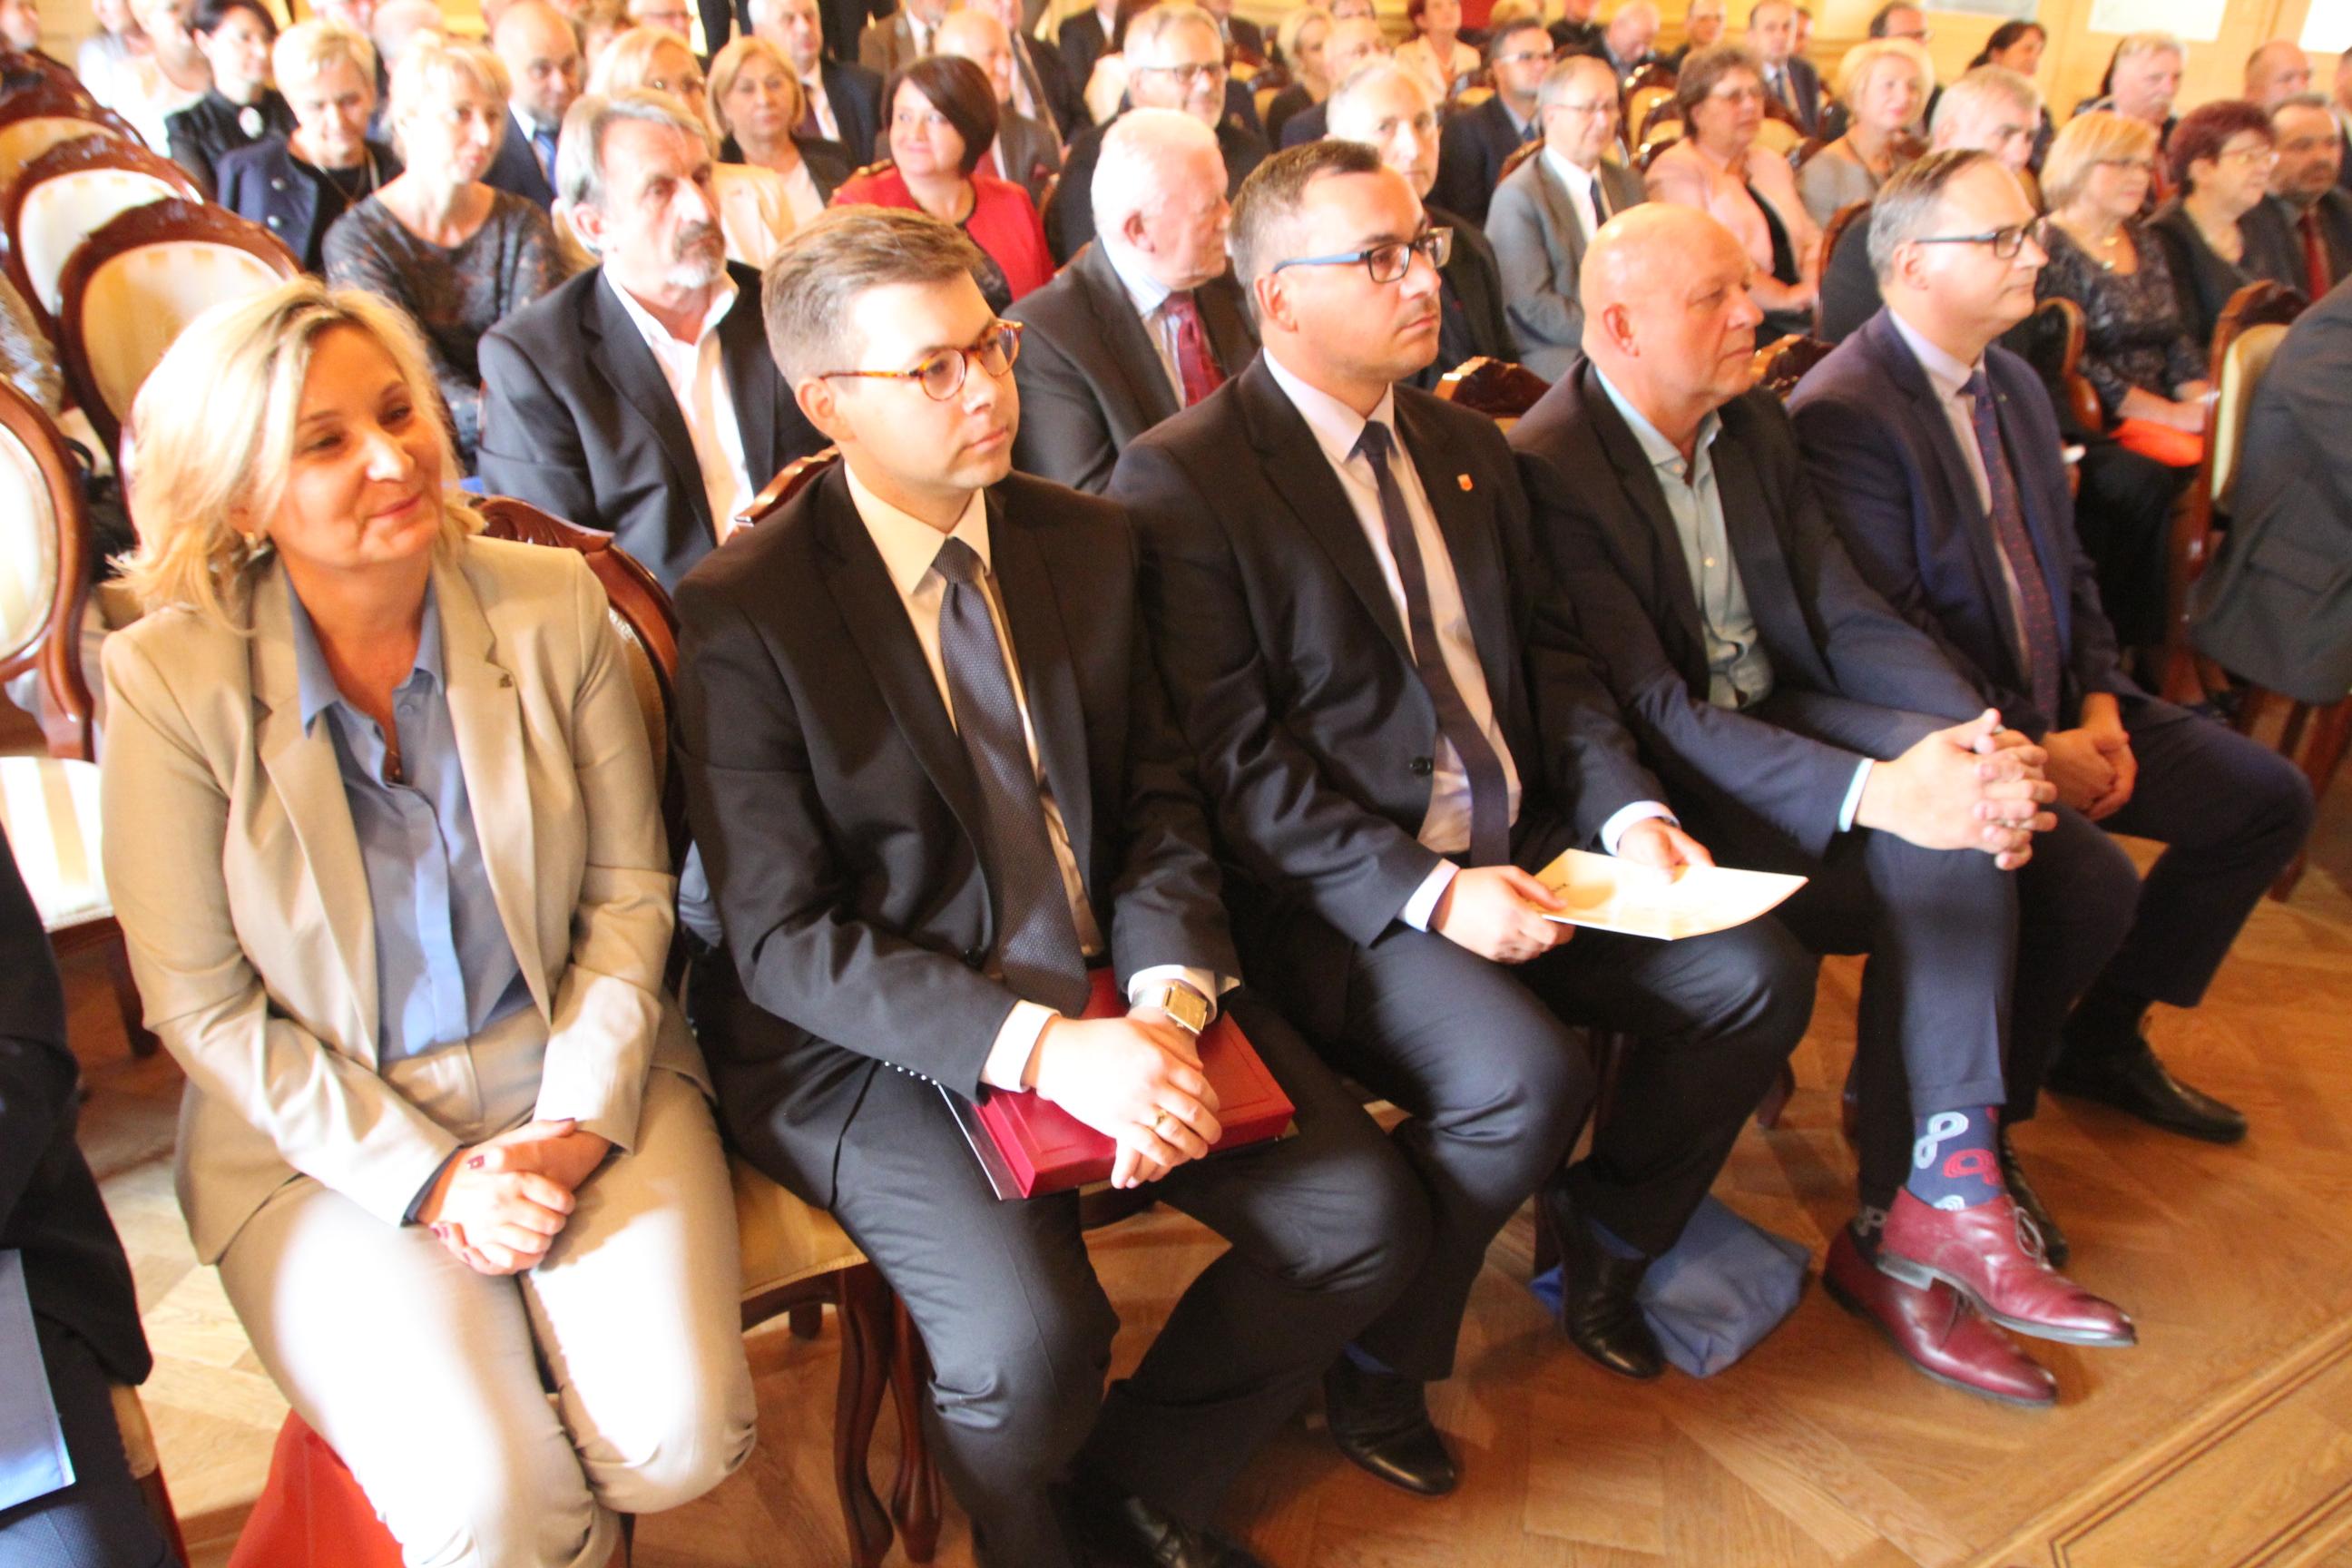 Fot. Zycie Zyrardowa (2)